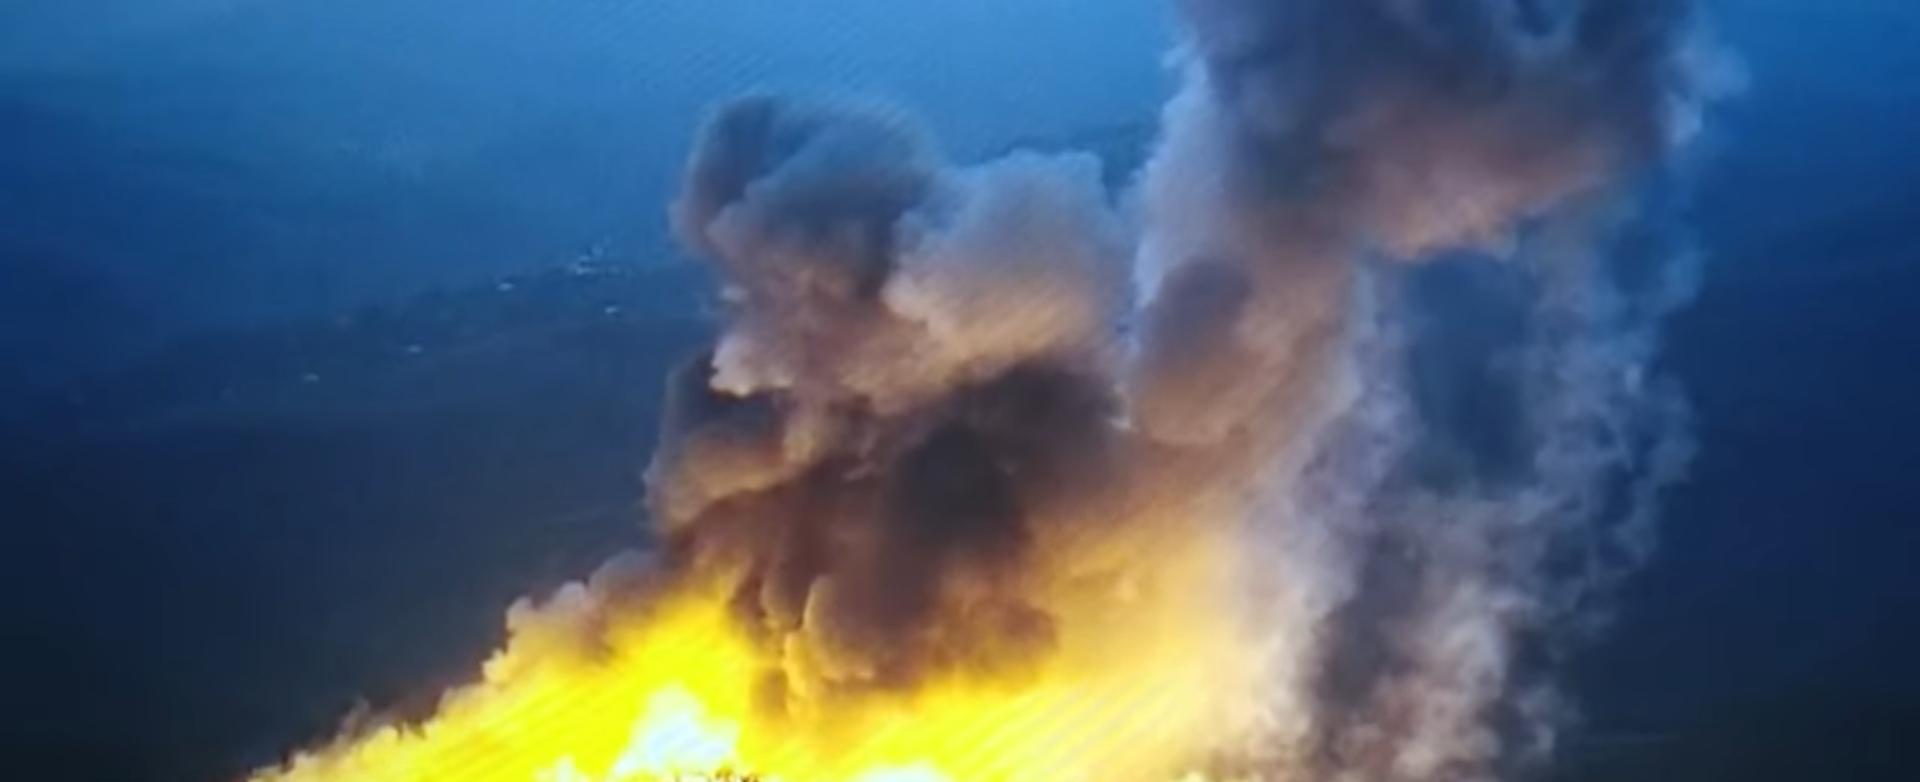 Ереван обвинил Баку в применении фосфорных бомб в Карабахе: реакция последовала немедленно